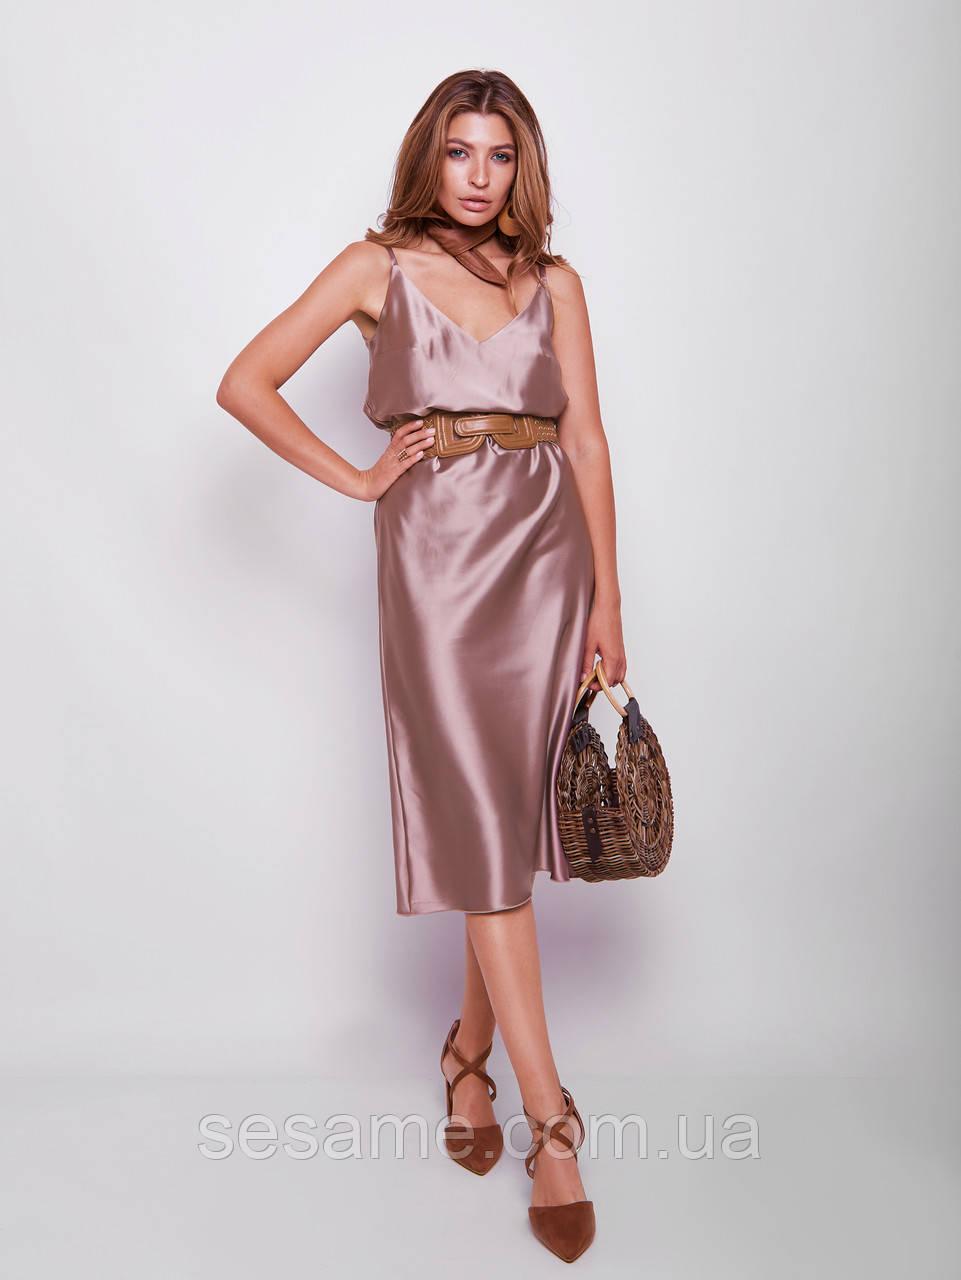 grand ua Армина платье